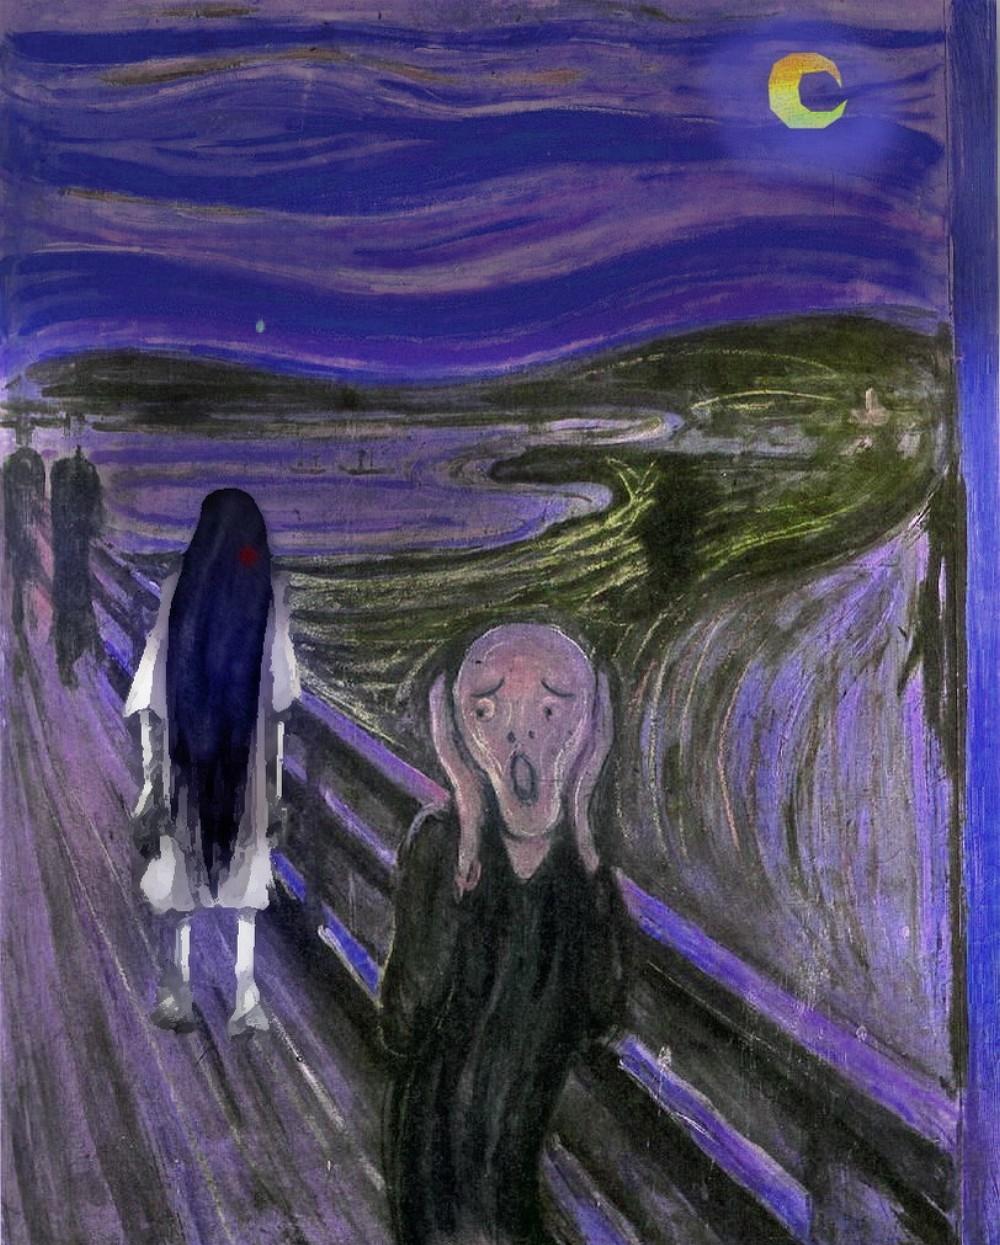 The-Scream-Painting-at-Night-with-Samara-79986